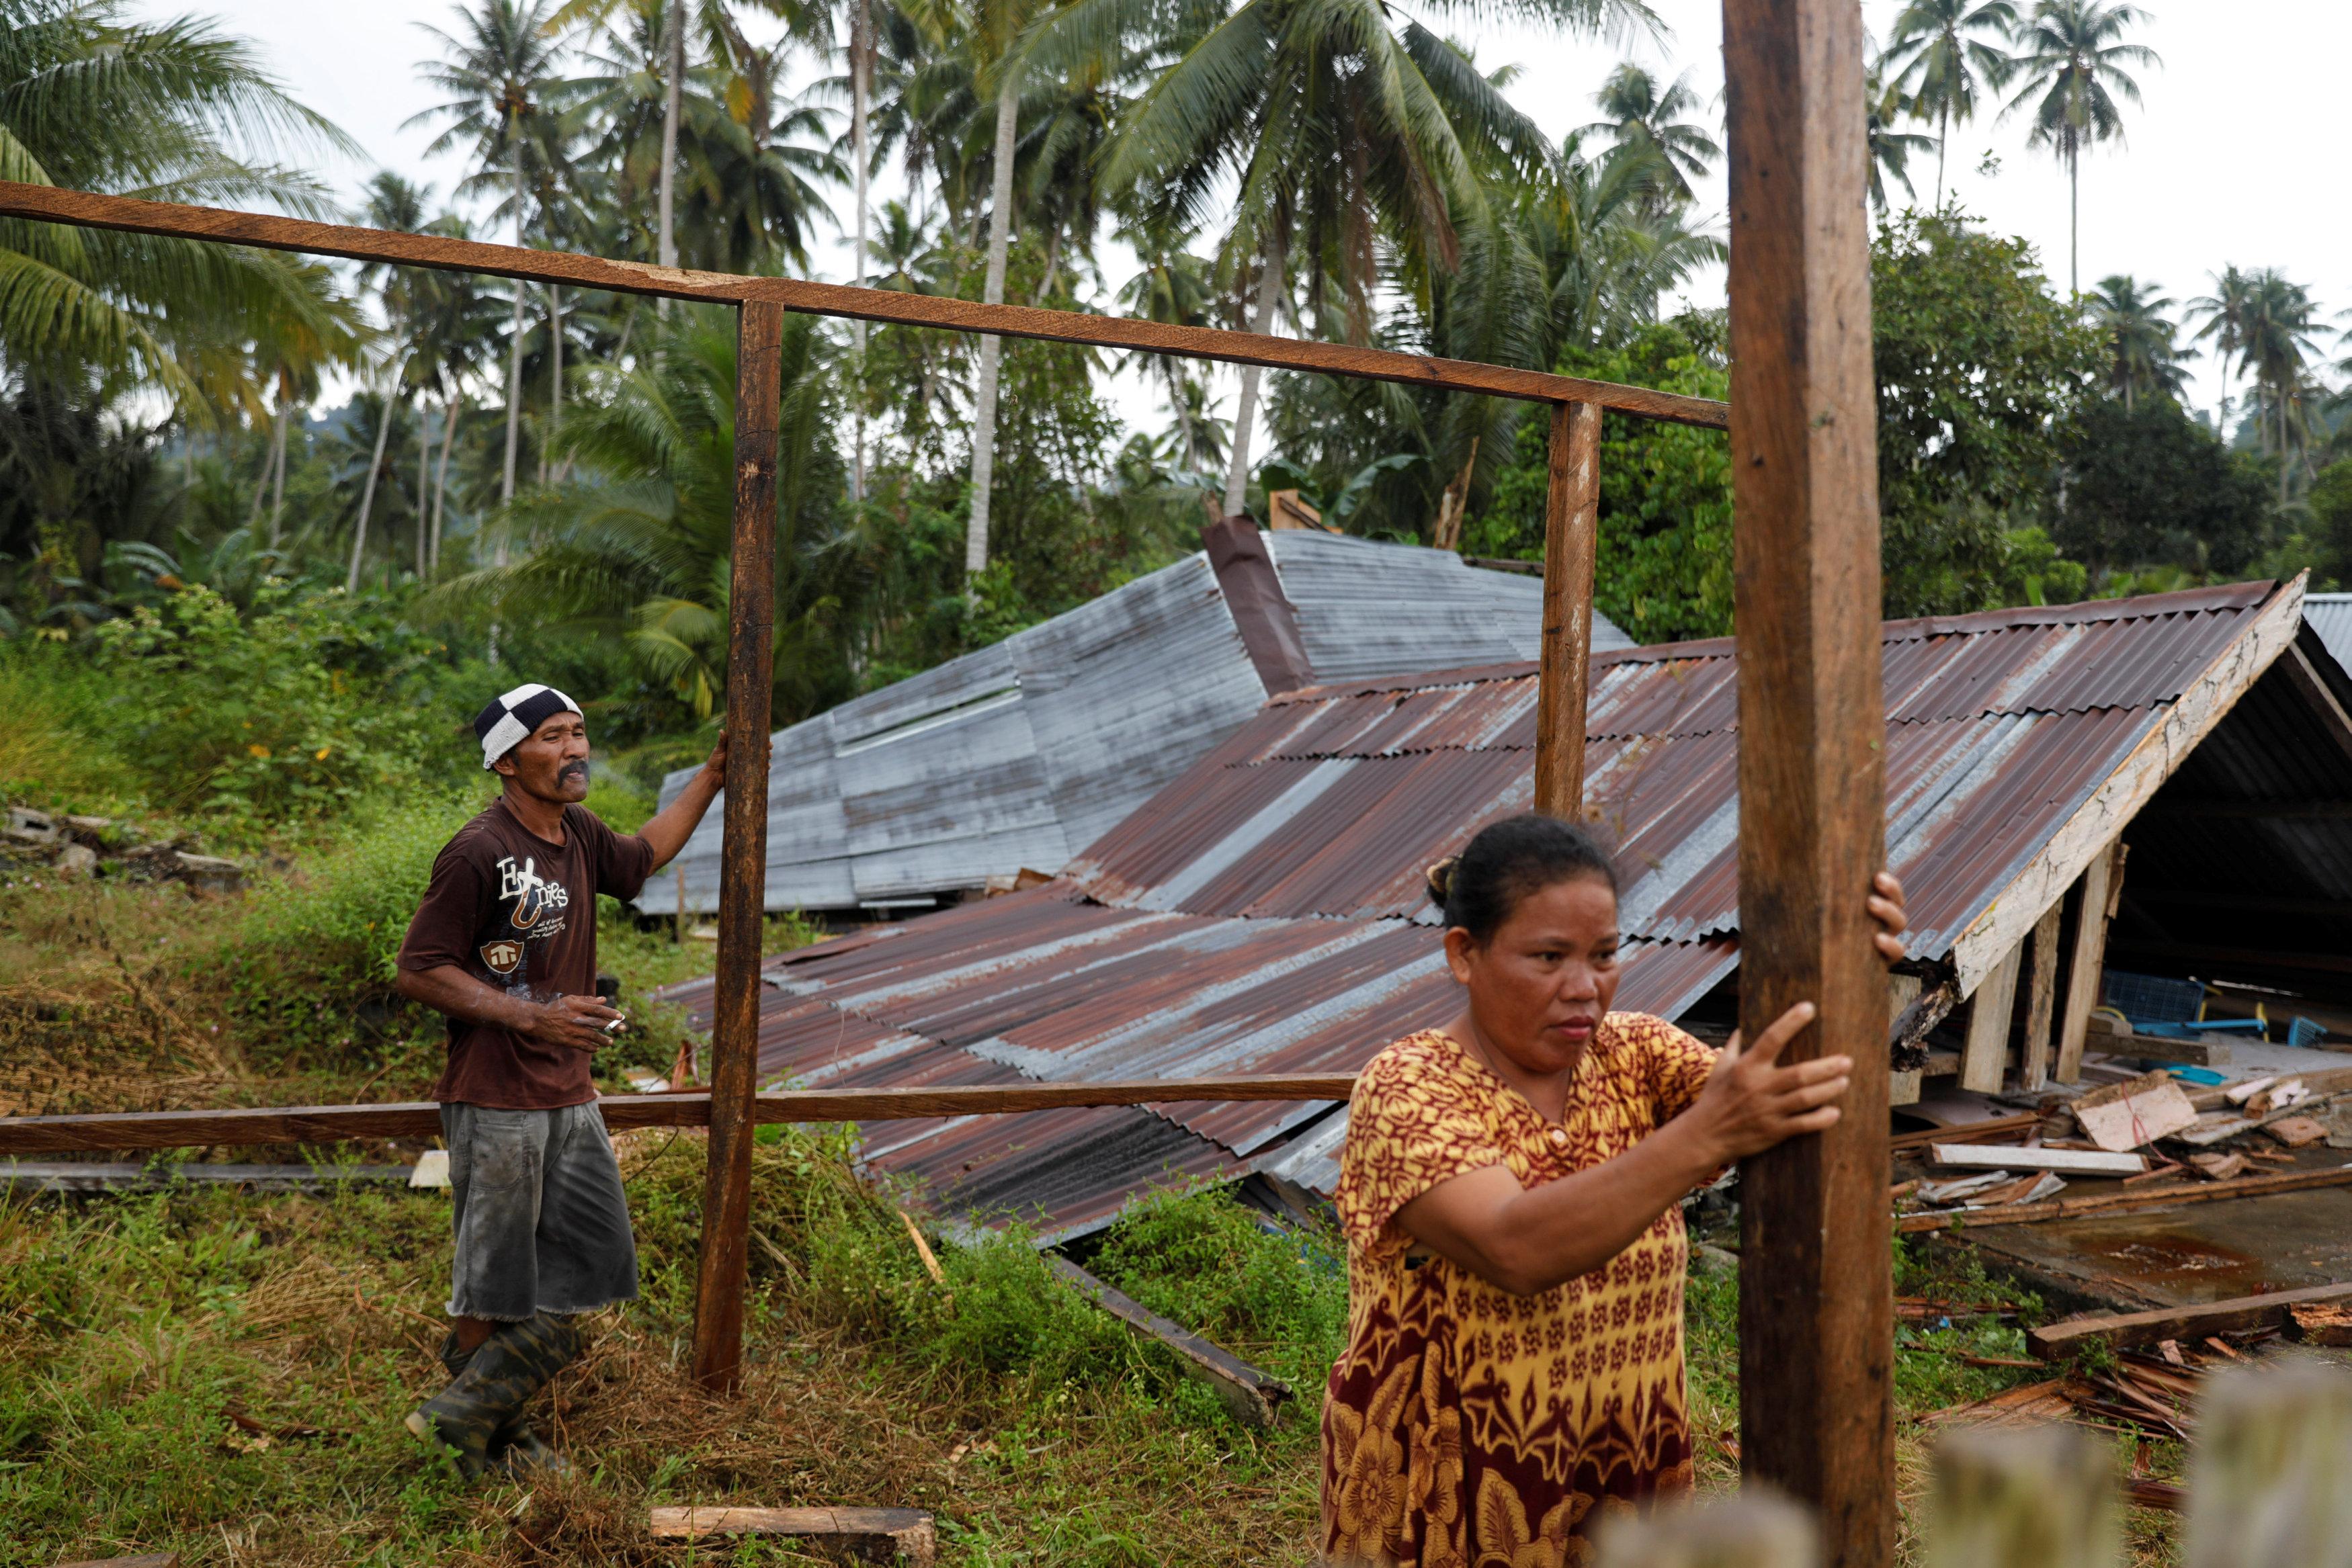 امرأة إندونيسية تشارك زوجها عمليات صناعة مخيم.